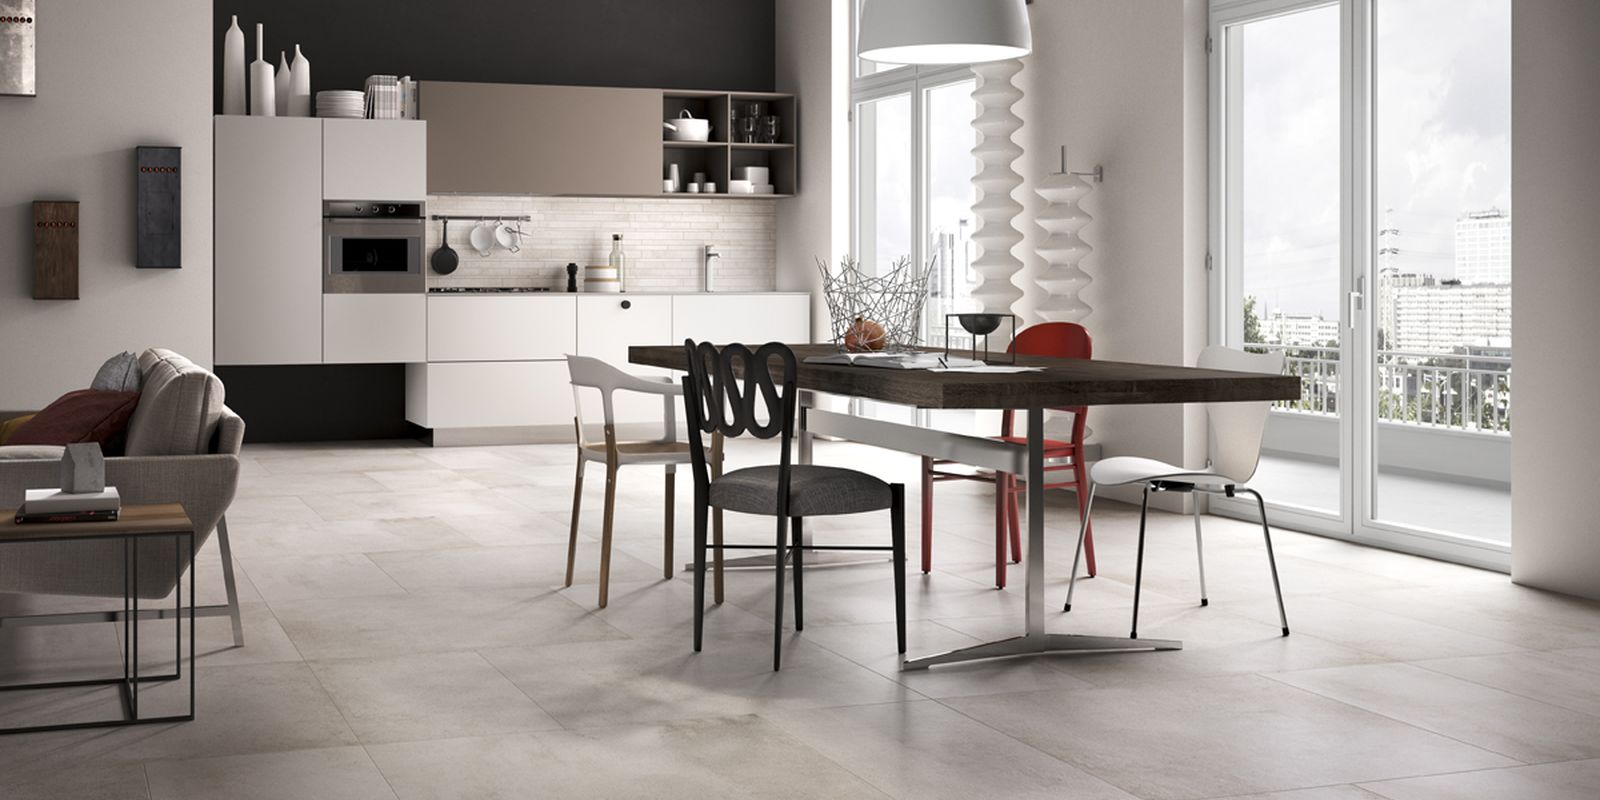 Oficina cooperativa ceramiche d 39 imola pavimenti effetto for Ceramiche di imola